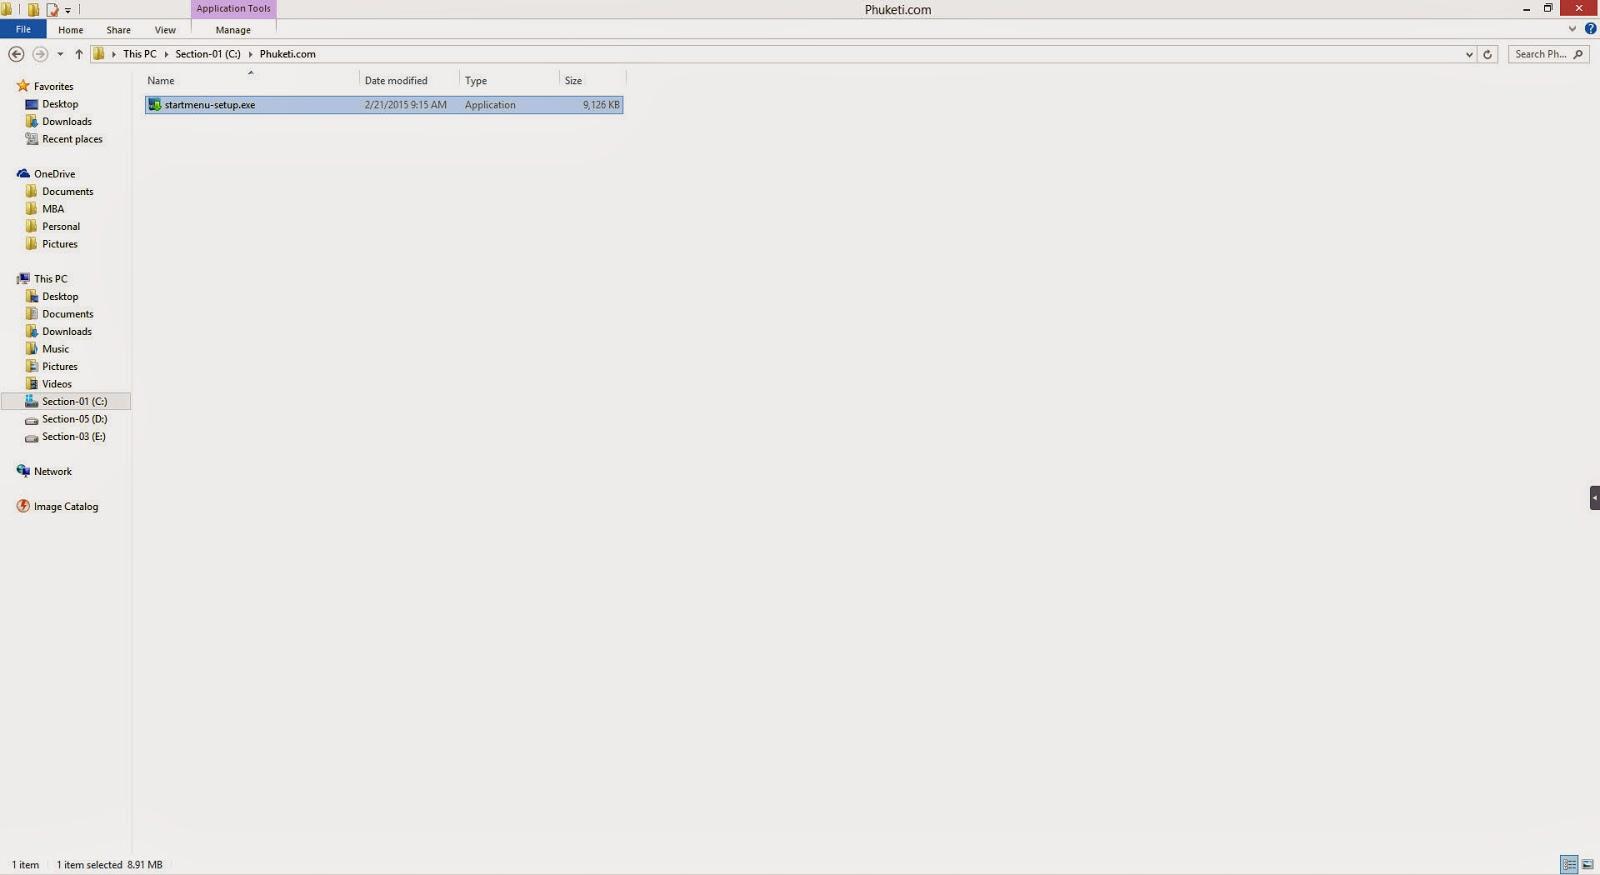 ขั้นที่ 1 ดับเบิลคลิกที่ไฟล์ startmenu-setup เพื่อติดตั้งโปรแกรม